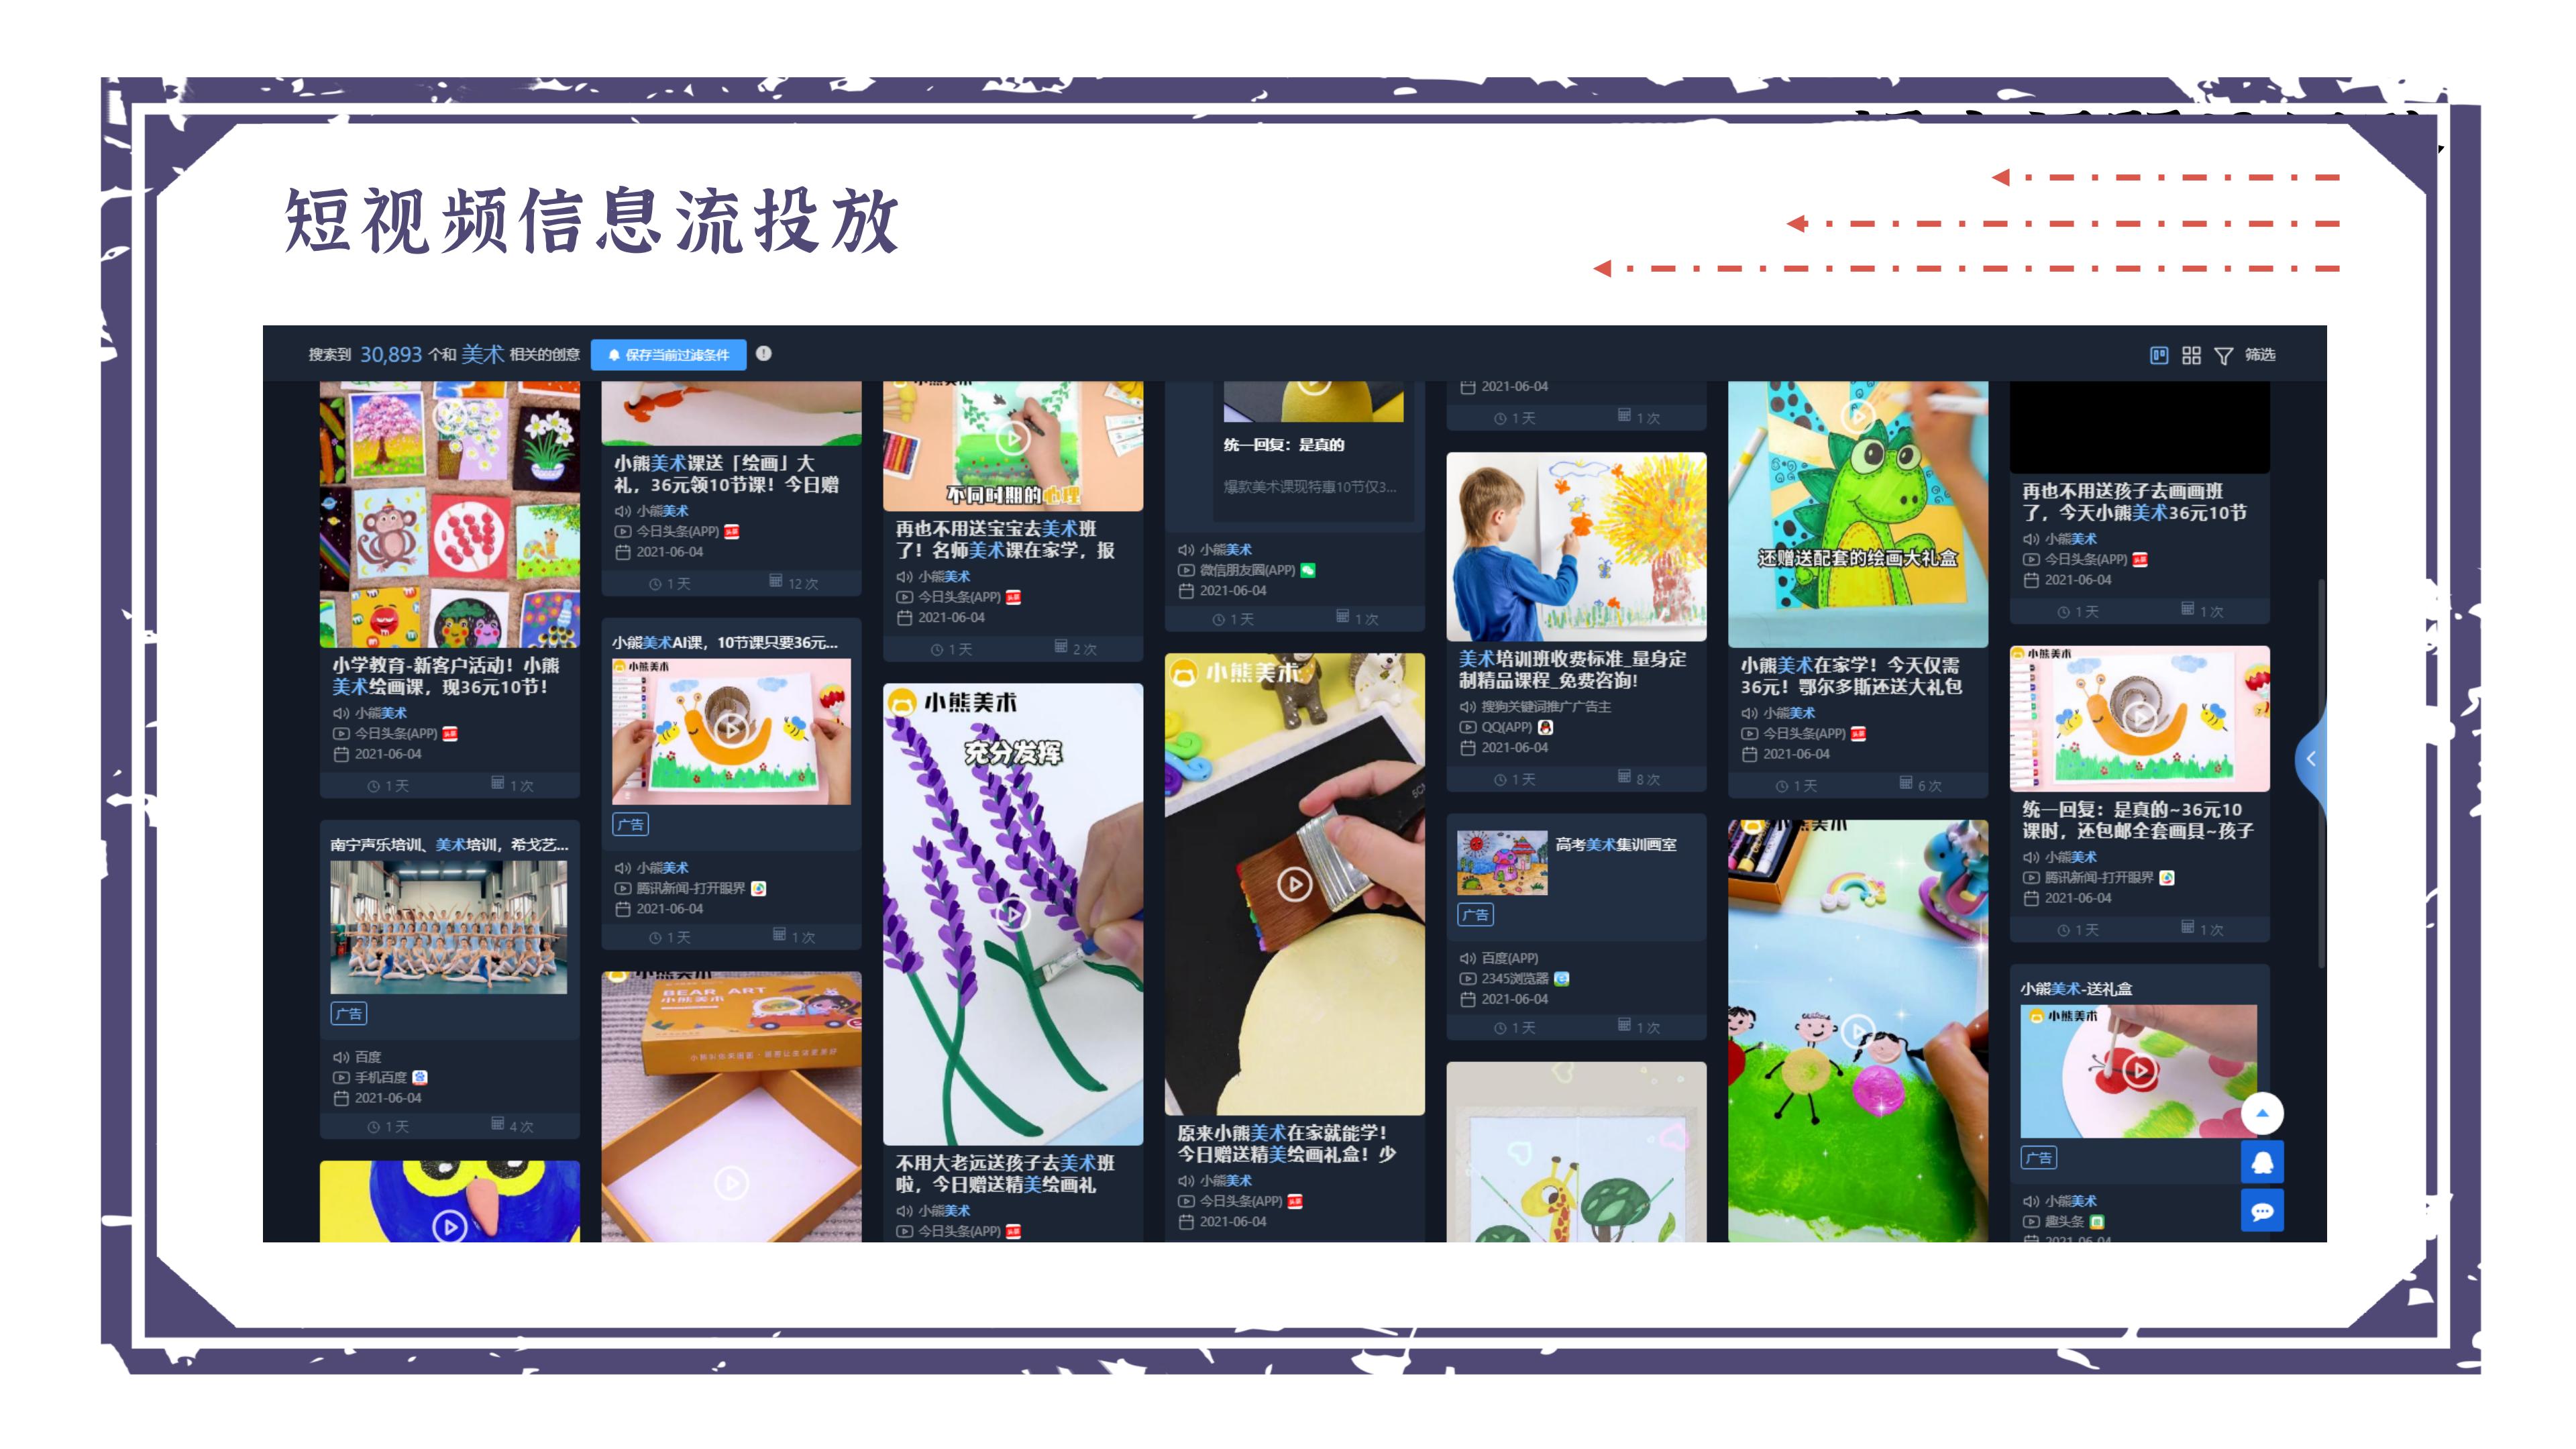 在线教育获客玩法和转化策略! 在线教育 第49张